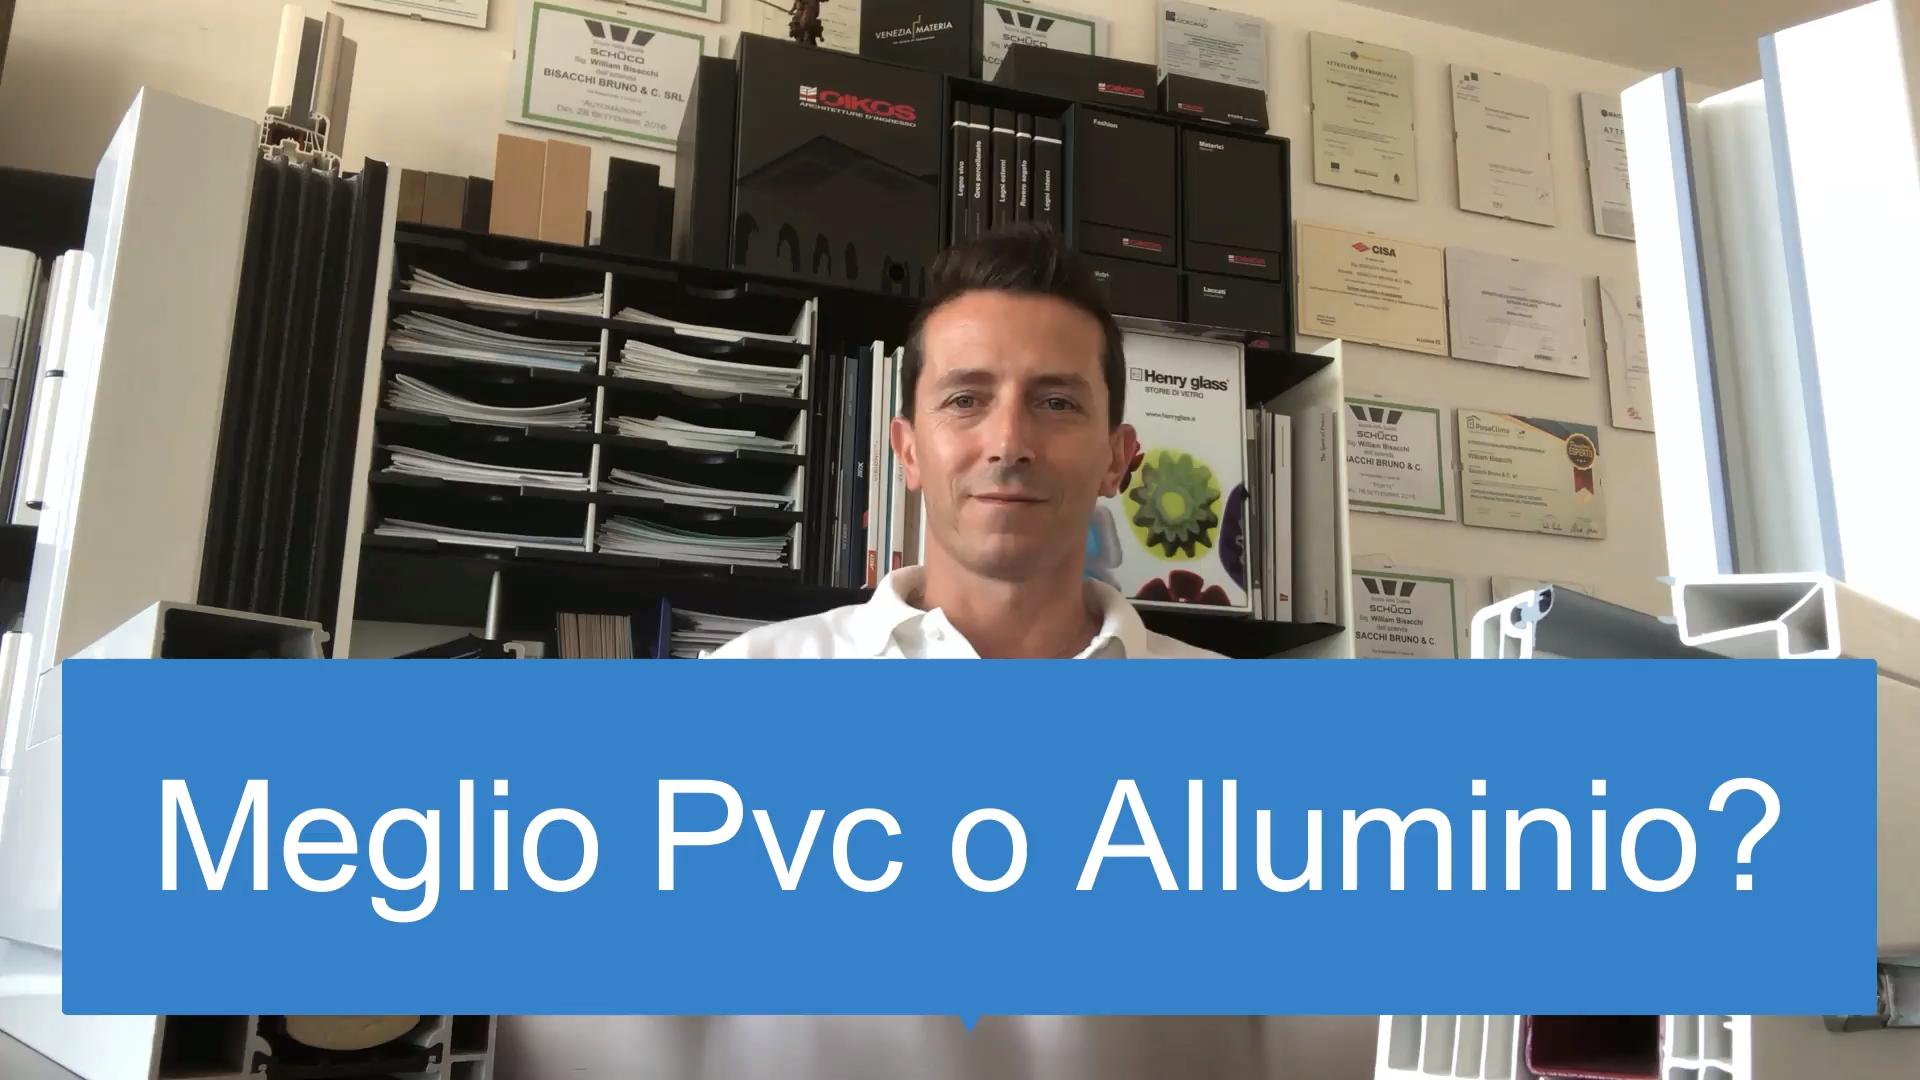 Serramenti Pvc O Alluminio Opinioni pvc o alluminio: quali sono gli infissi migliori?   (con  video) | lettura, illustrazioni, video